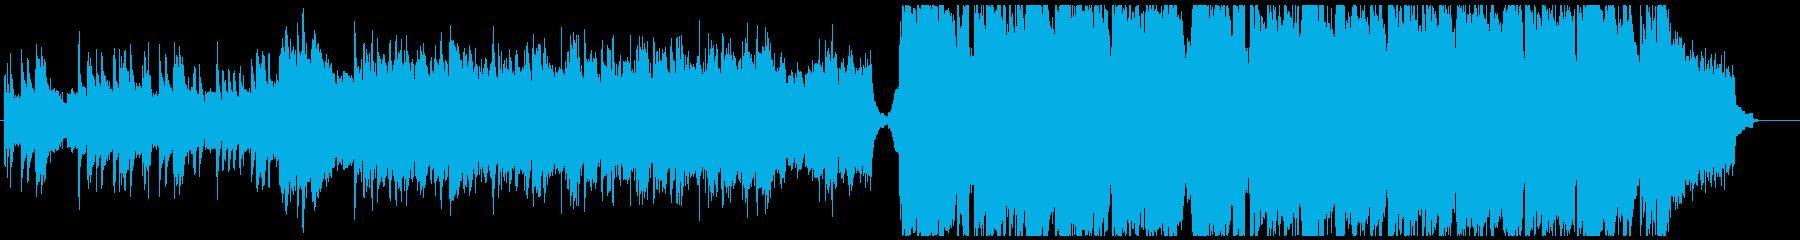 民族調×ウェディングの明るいワルツの再生済みの波形